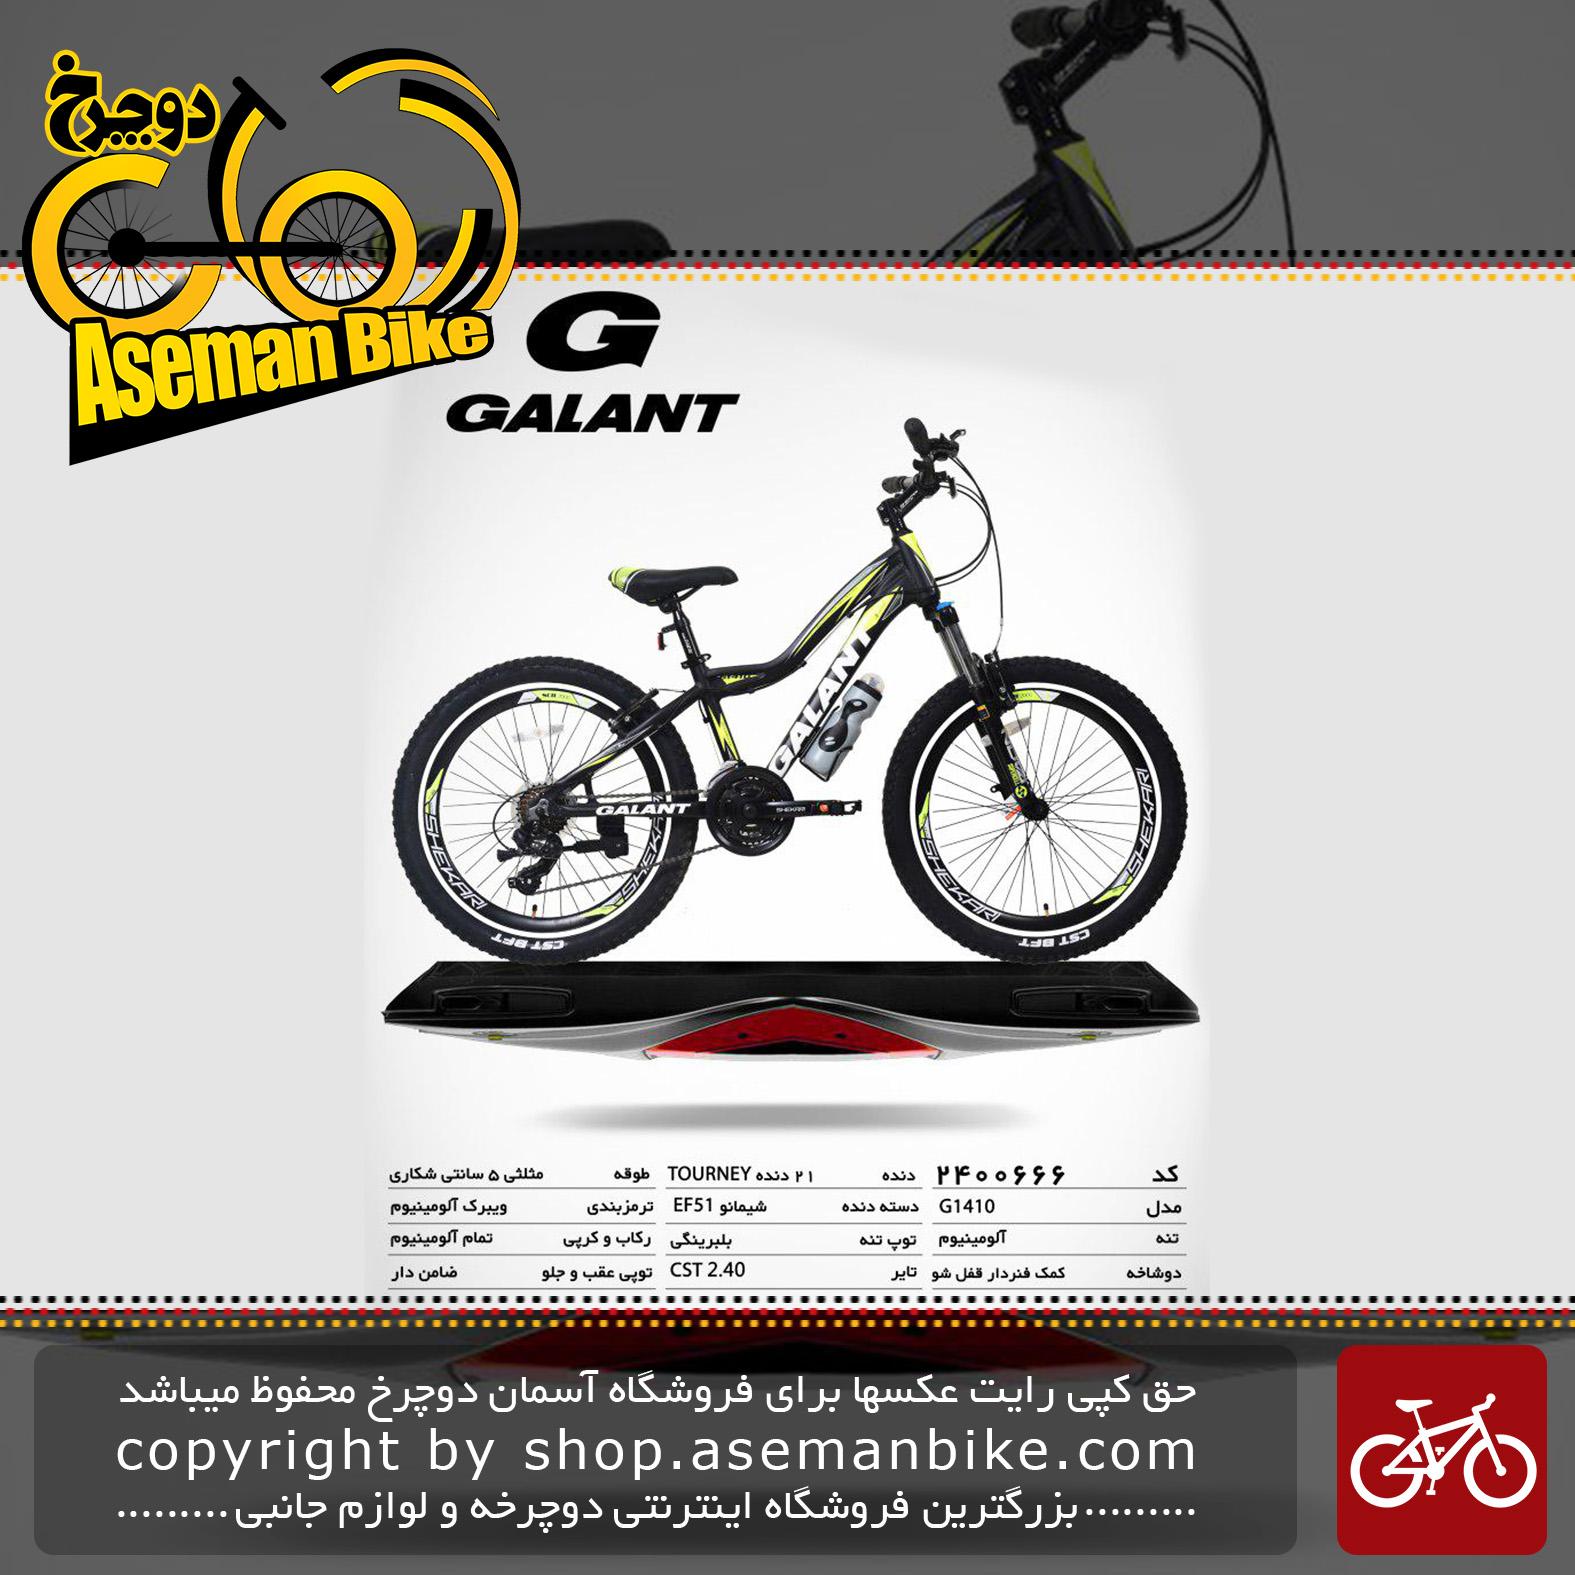 دوچرخه کوهستان شهری گالانت جی 1410 21 دنده سایز 24 ساخت تایوان GALANT Mountain City Bicycle Taiwan G1410 Size 24 2019